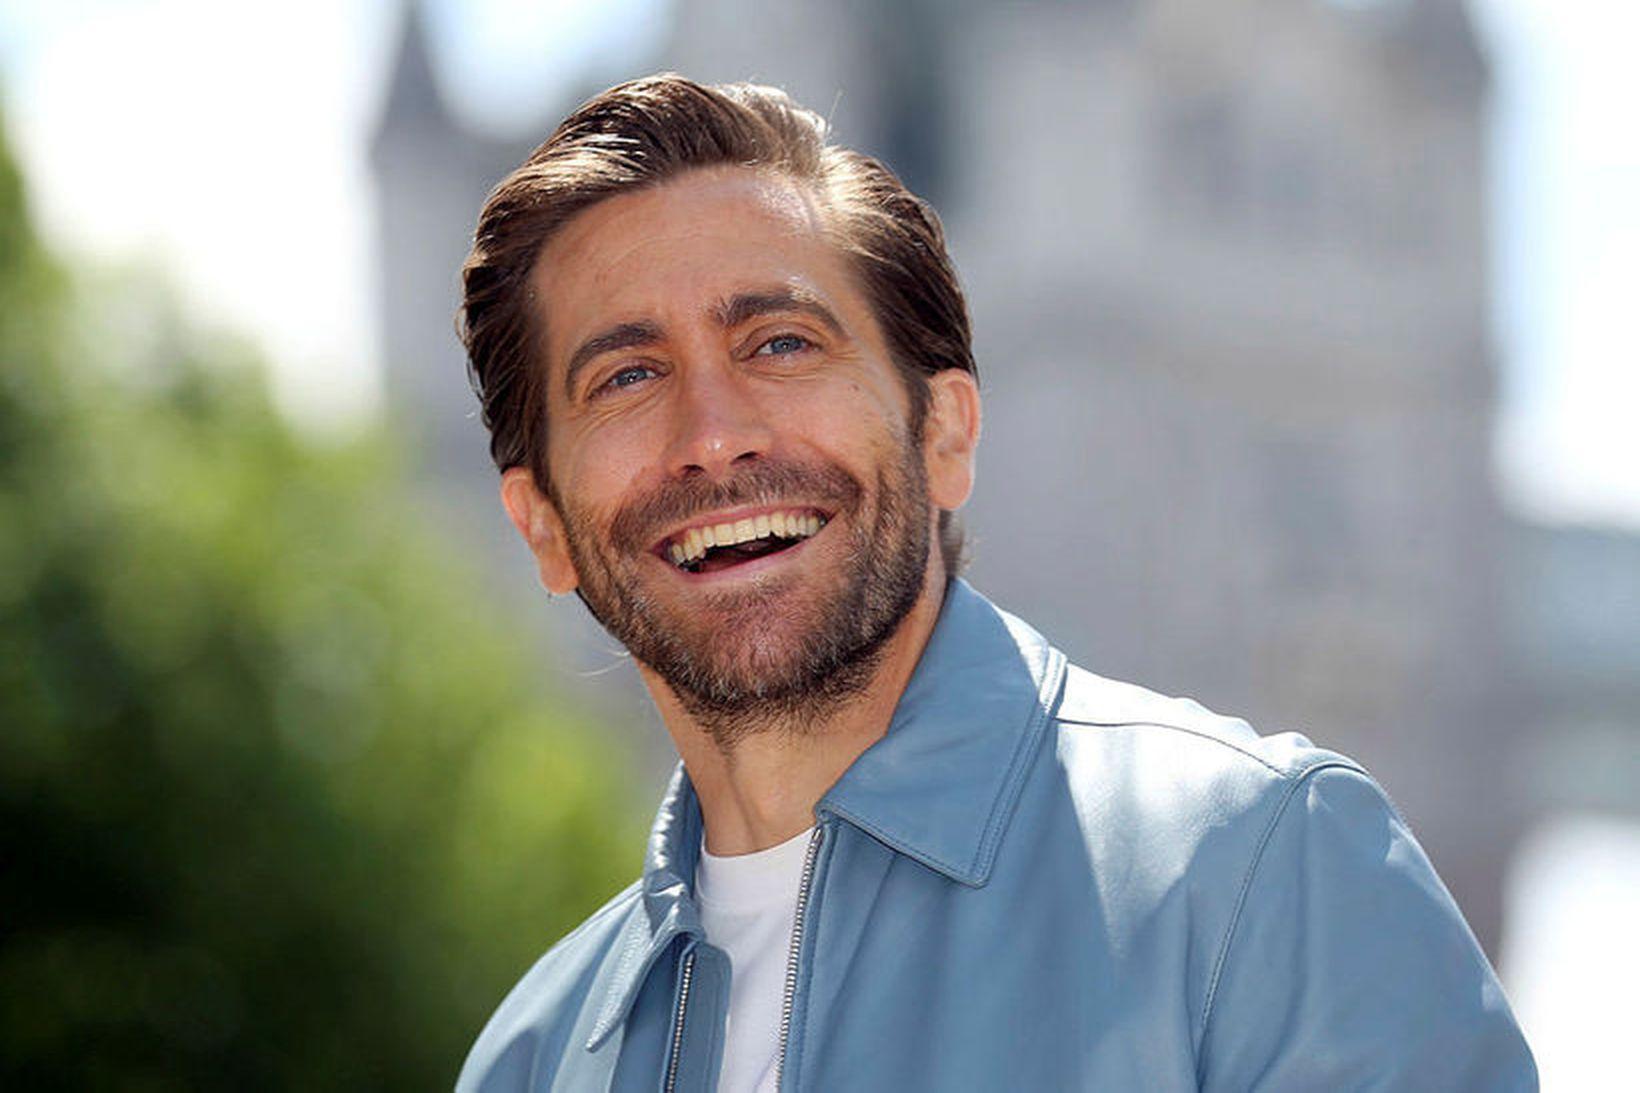 Jake Gyllenhaal elskar systurdætur sínar.